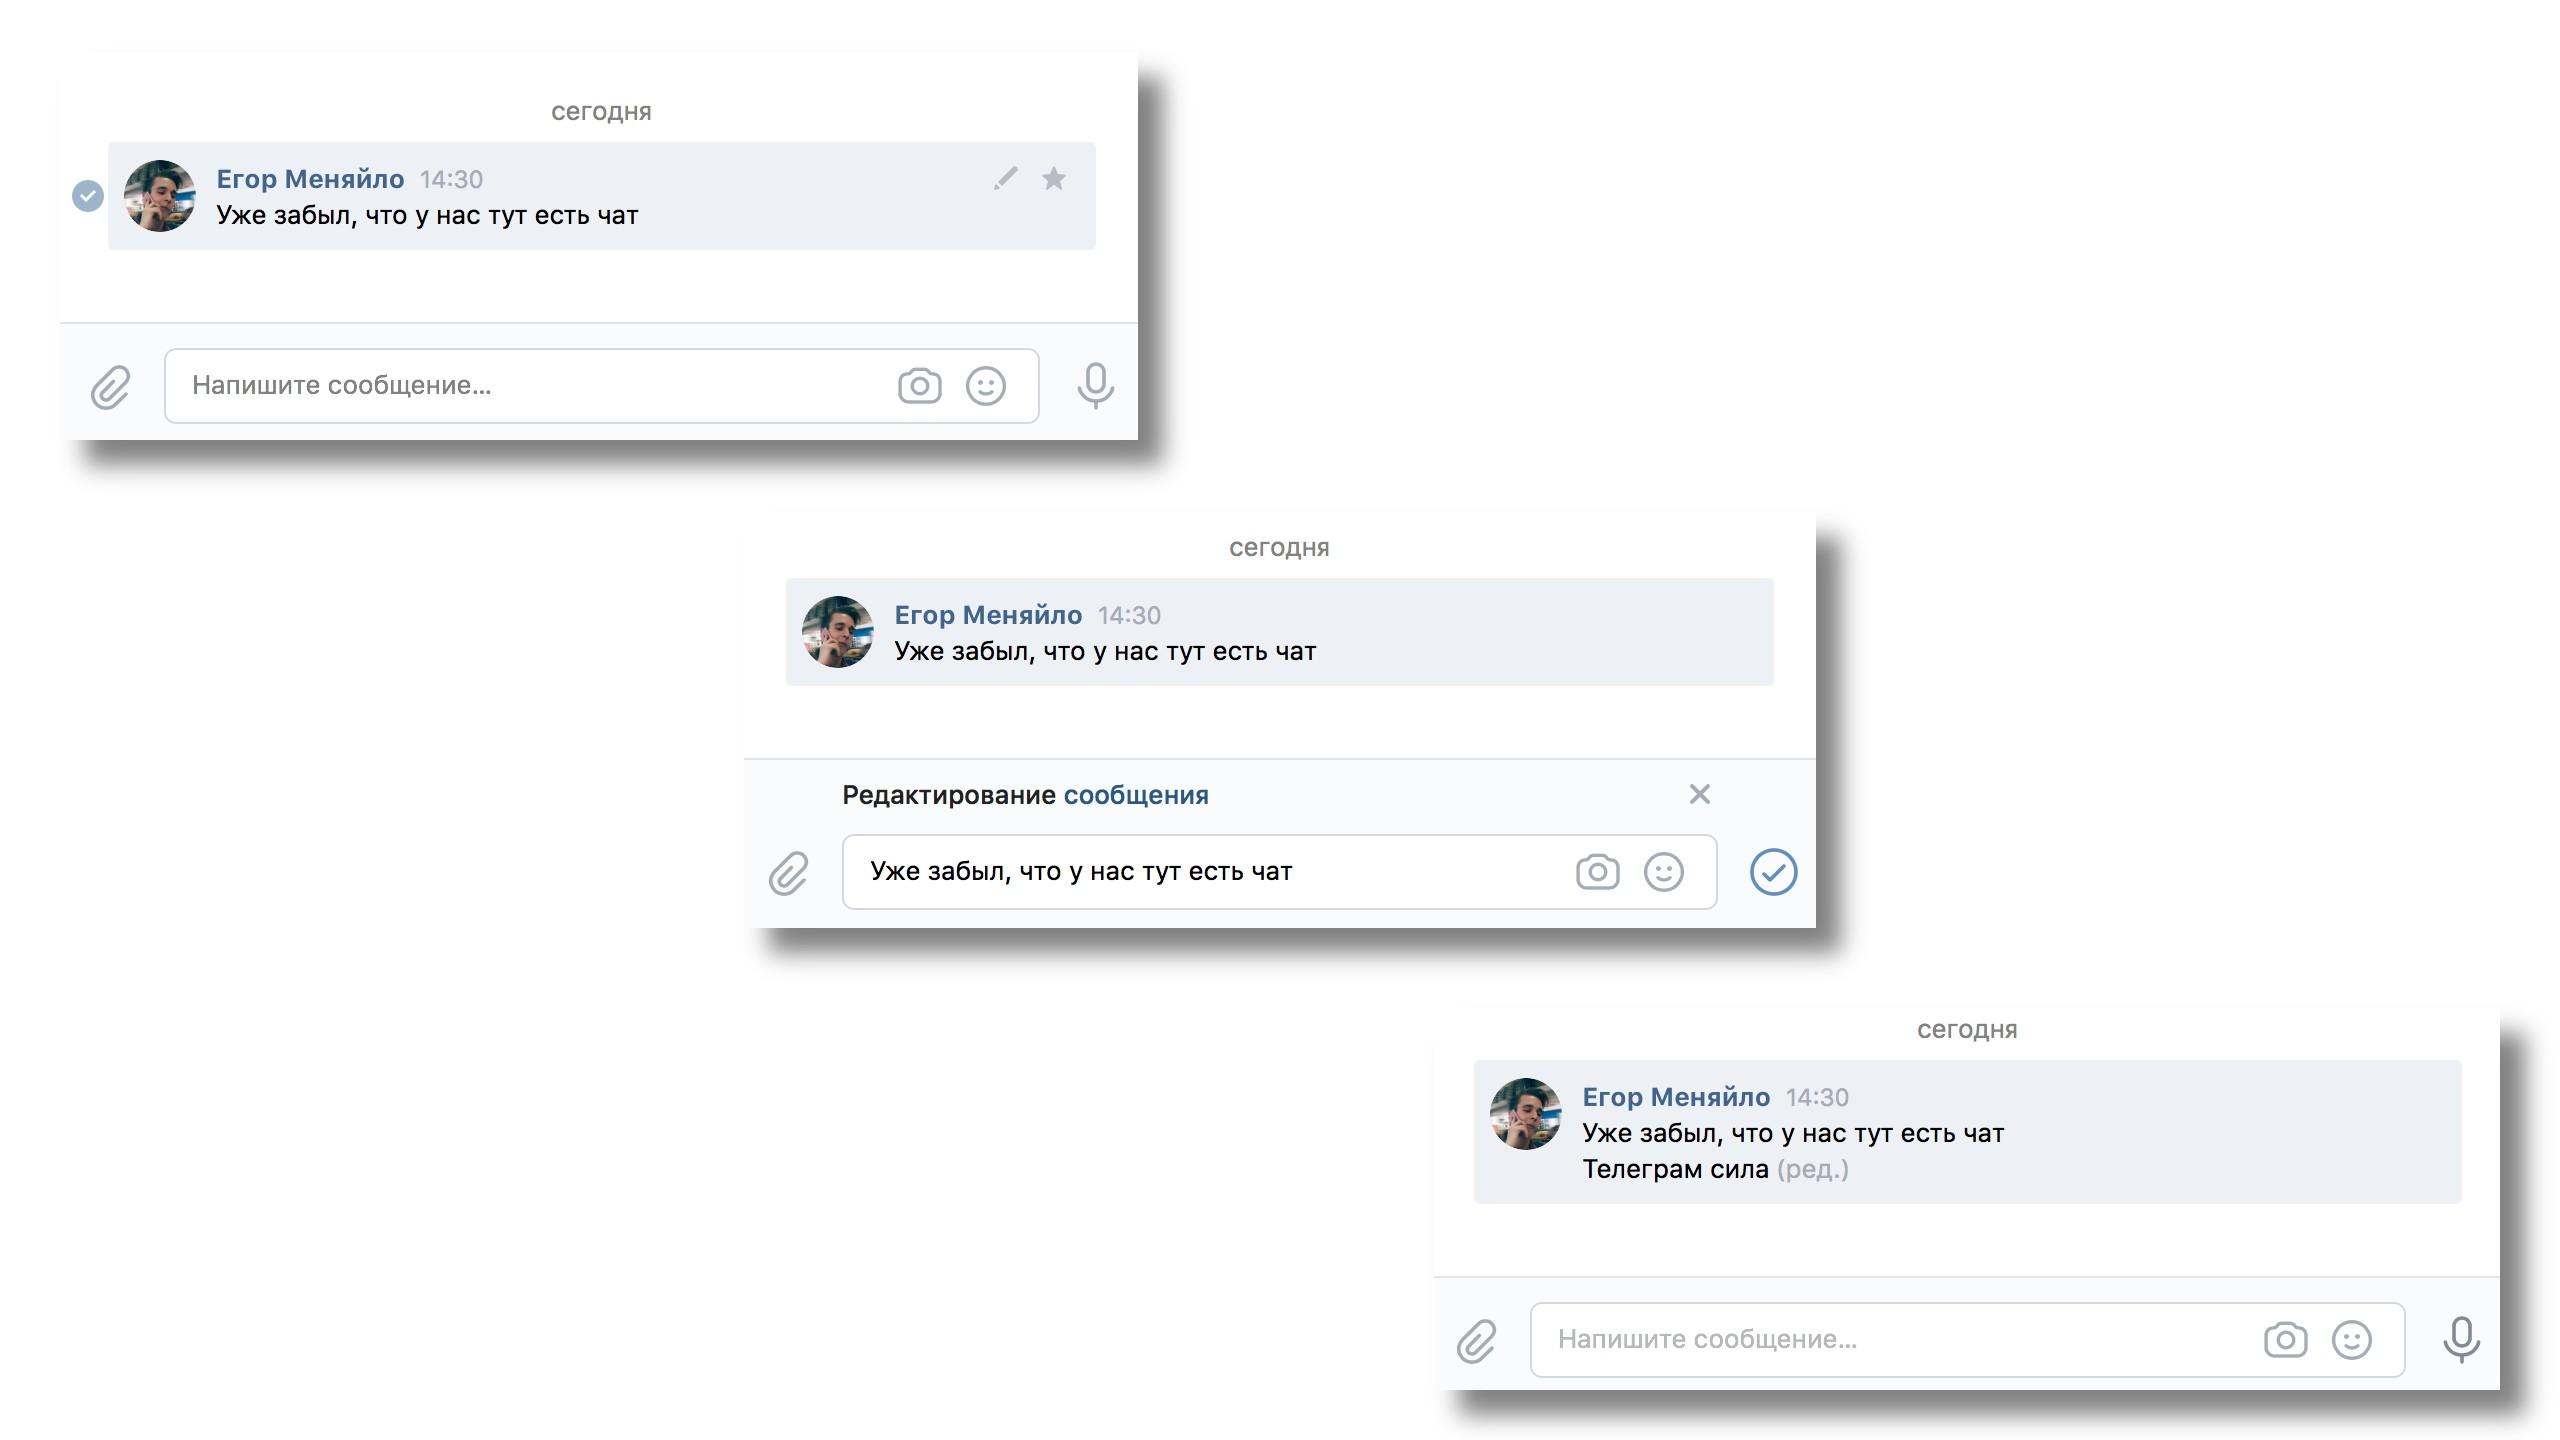 Во ВКонтакте появилось редактирование сообщений